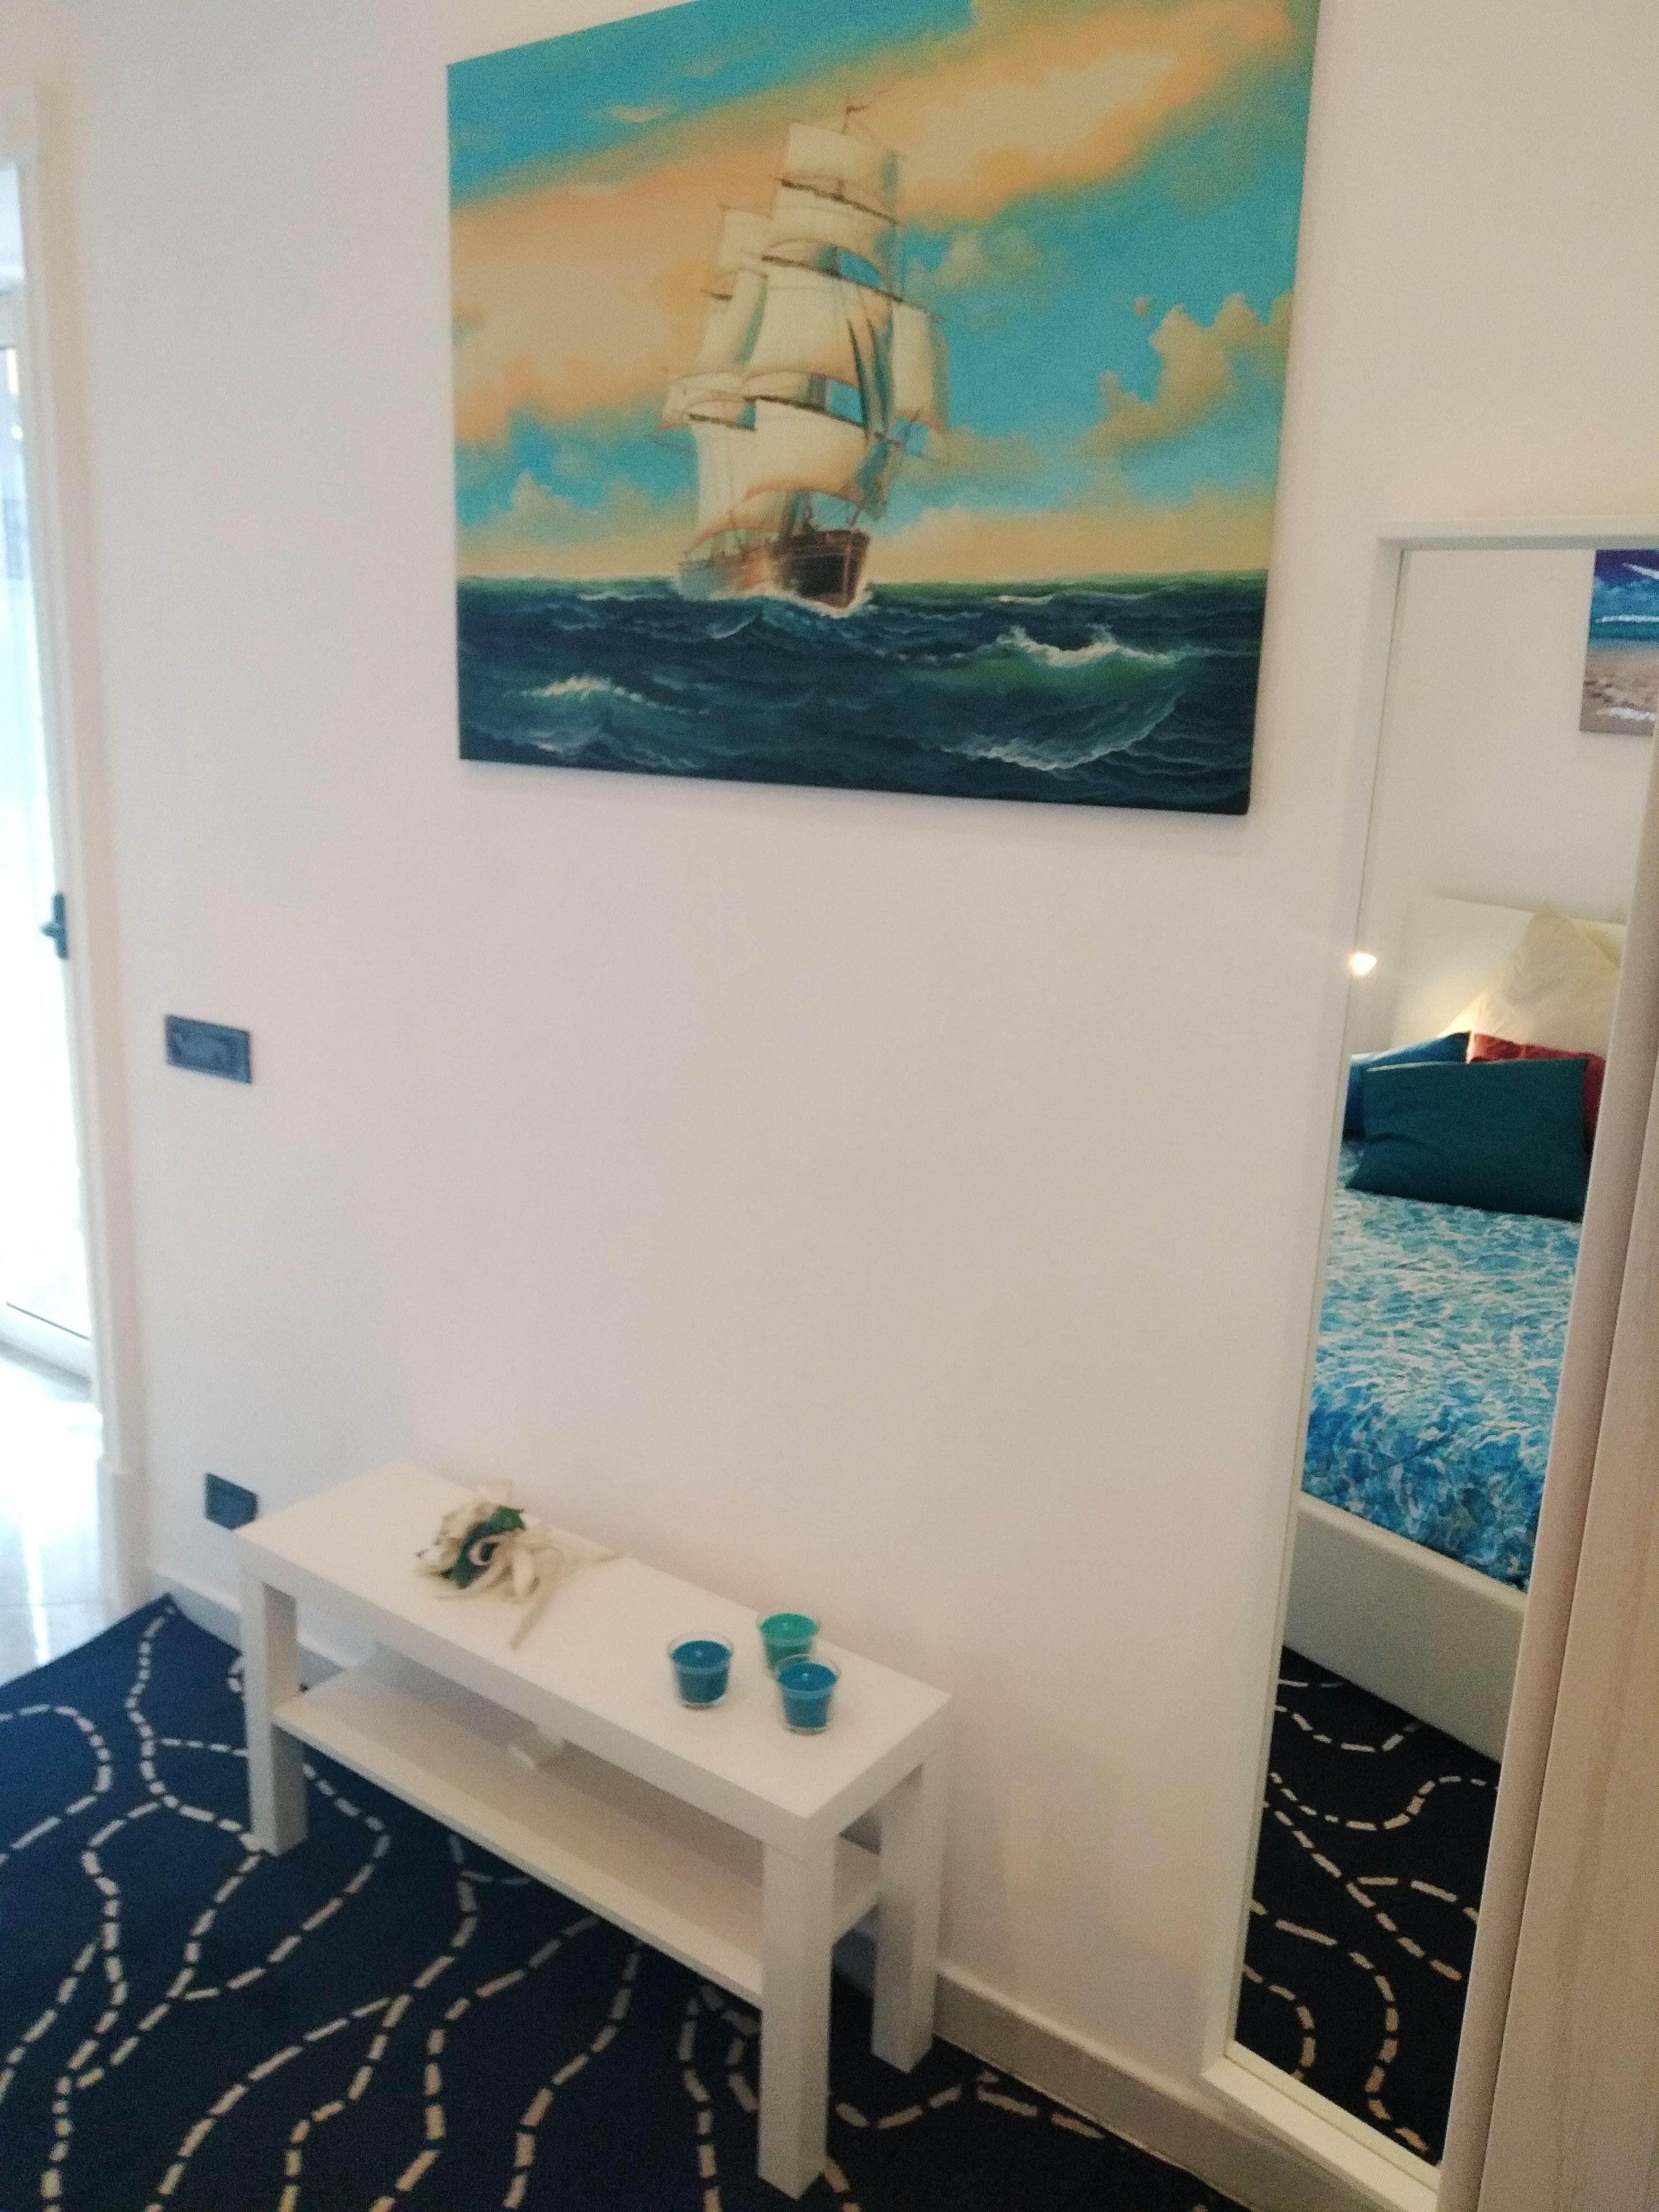 Ferienwohnung Studio in Sant'Egidio del Monte Albino  mit Terrasse und W-LAN - 20 km vom Strand entfernt (2692937), Sant'Egidio del Monte Albino, Salerno, Kampanien, Italien, Bild 7